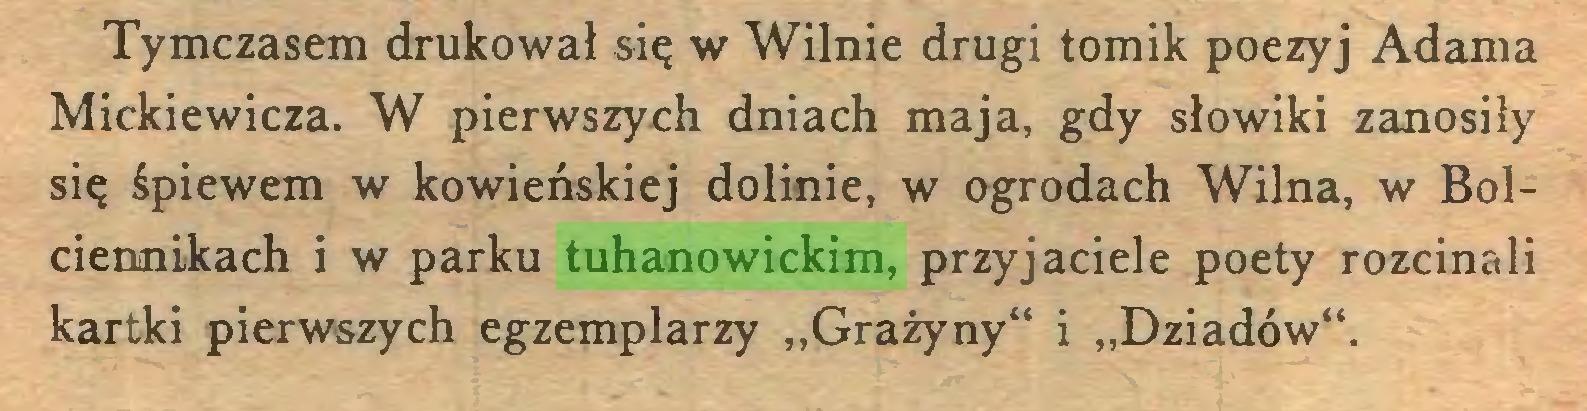 """(...) Tymczasem drukował się w Wilnie drugi tomik poezyj Adama Mickiewicza. W pierwszych dniach maja, gdy słowiki zanosiły się śpiewem w kowieńskiej dolinie, w ogrodach Wilna, w Bolciennikach i w parku tuhanowickim, przyjaciele poety rozcinali kartki pierwszych egzemplarzy """"Grażyny"""" i """"Dziadów""""..."""